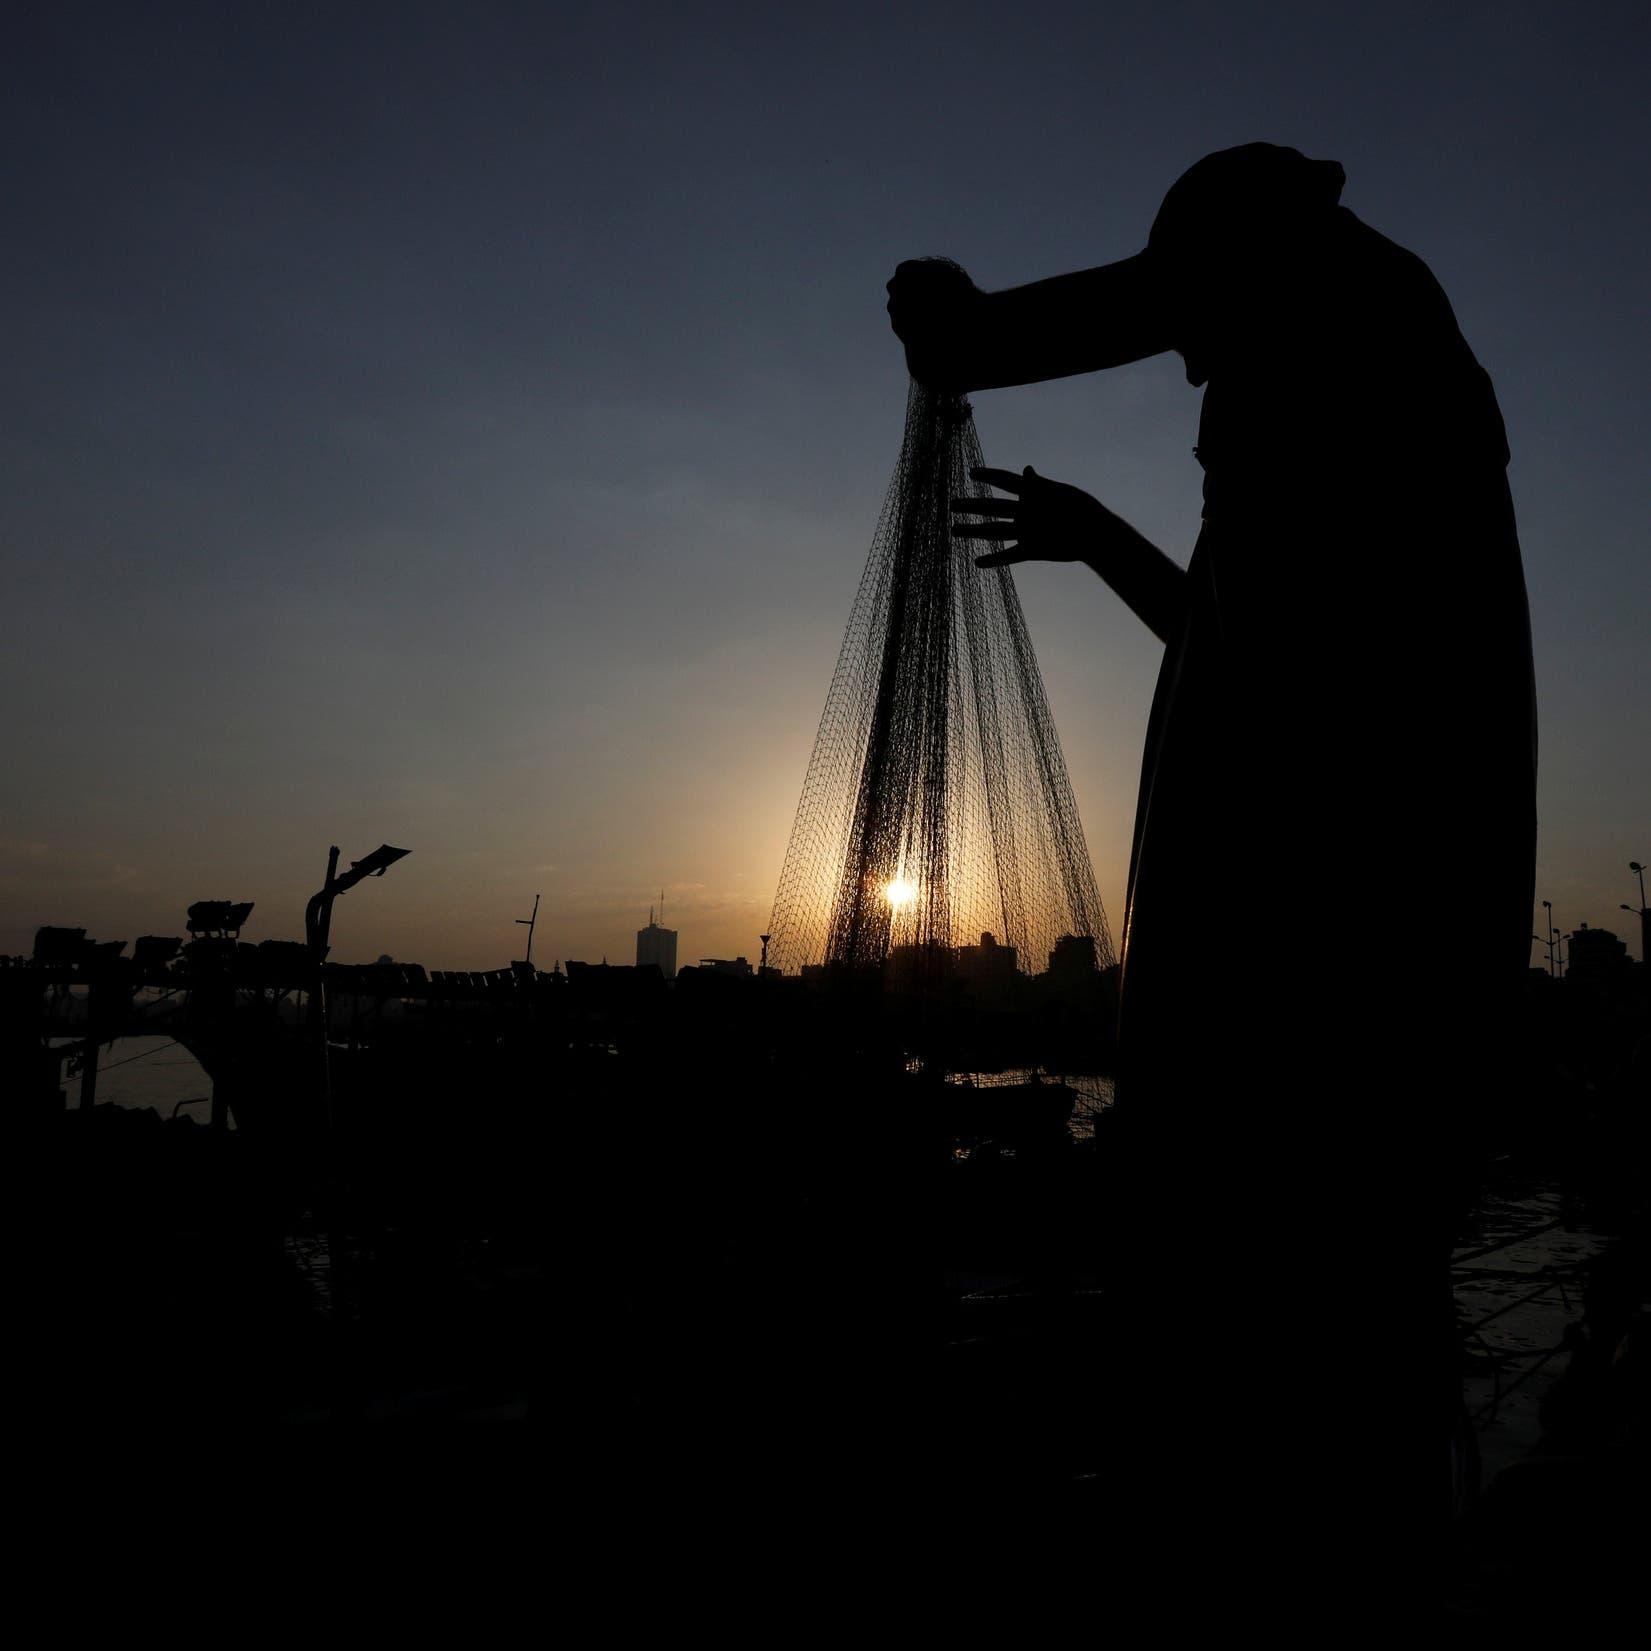 مقتل 3 صيادين في غزة جراء انفجار بقاربهم